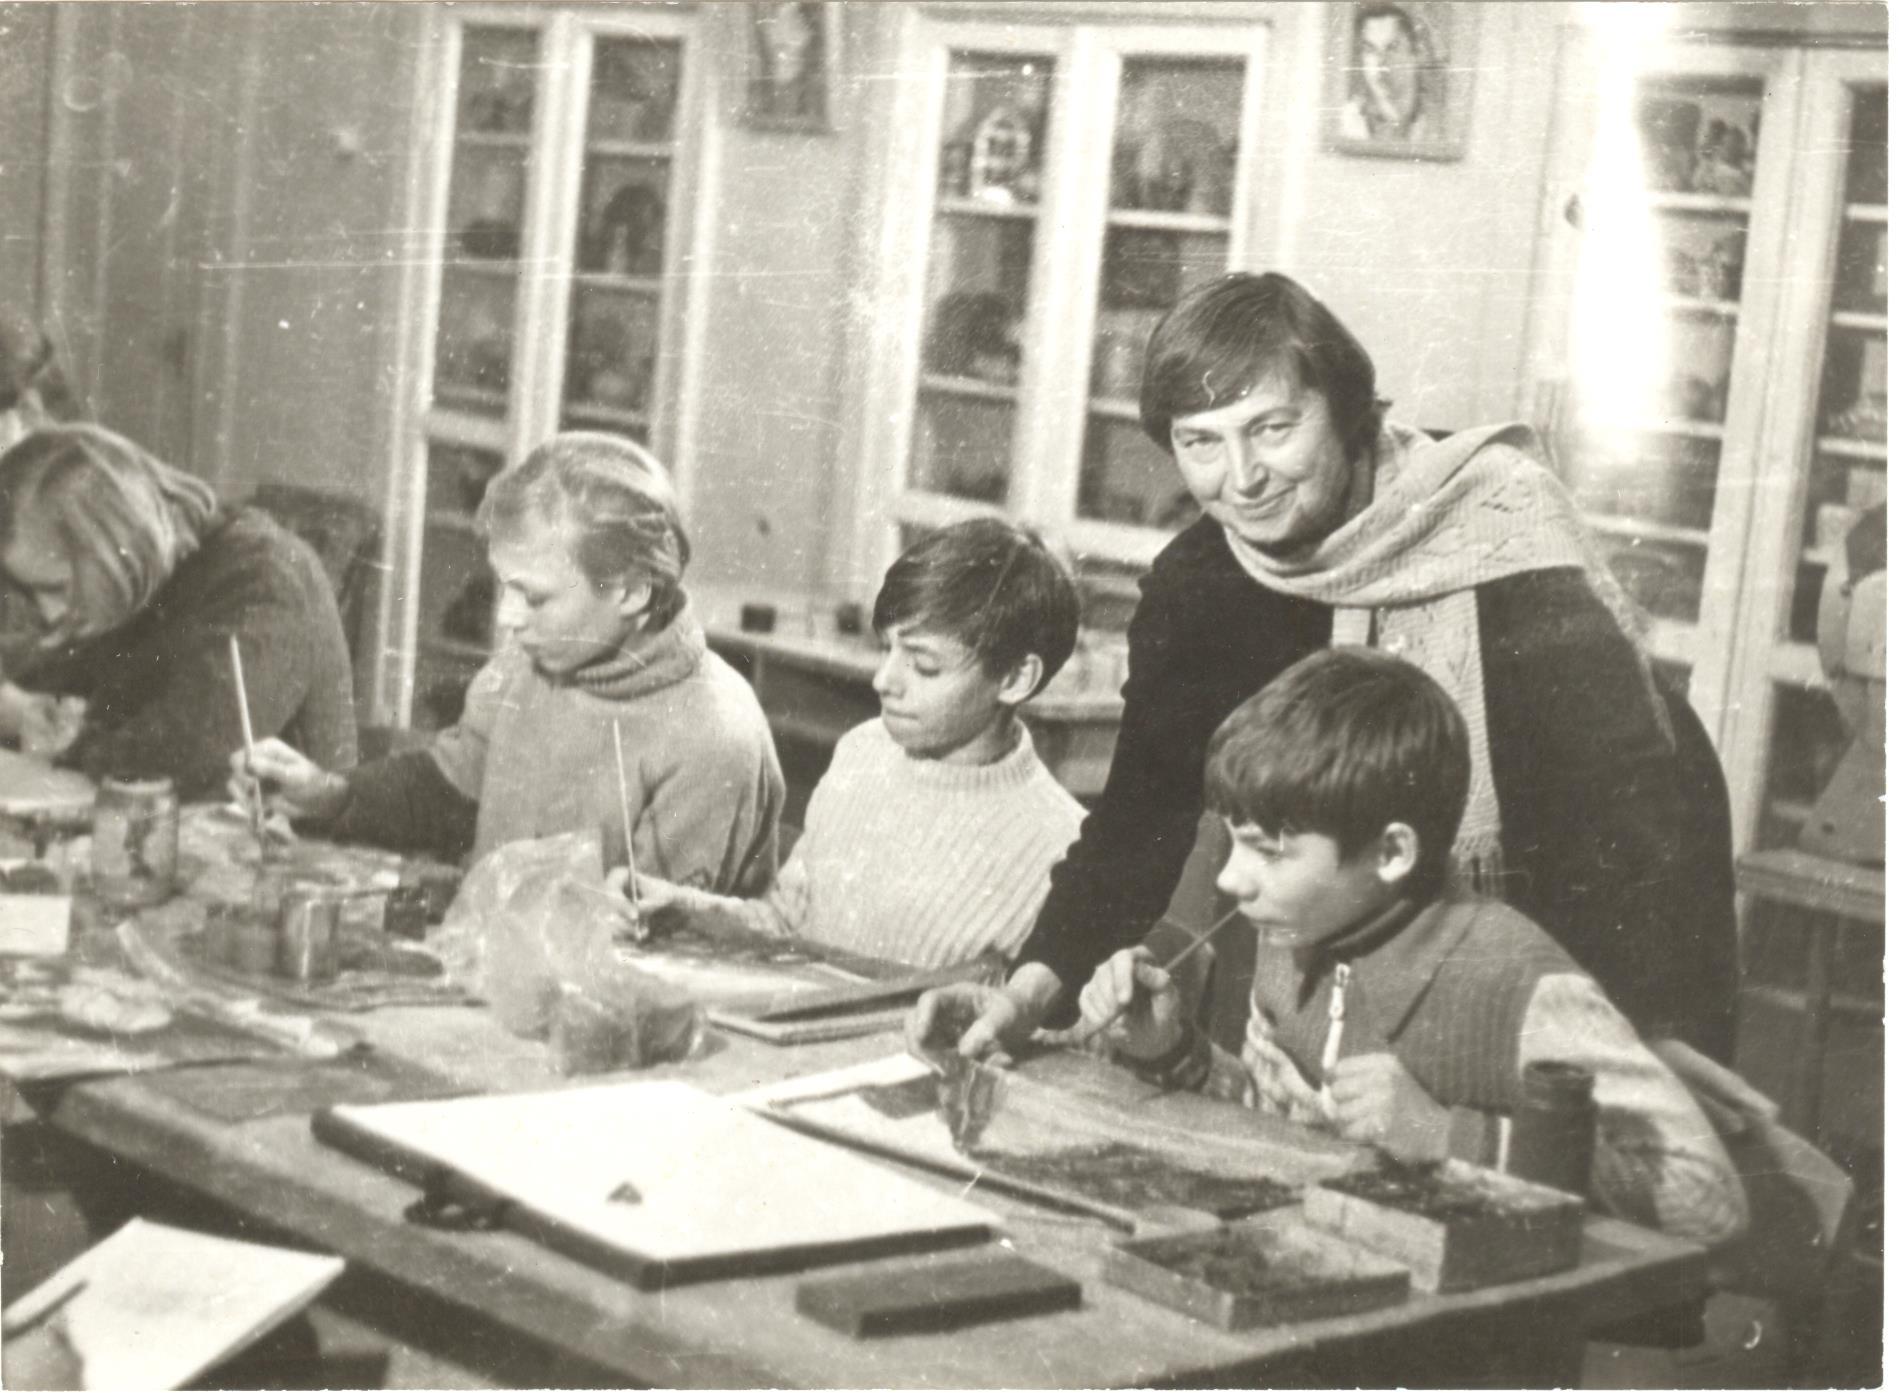 Elena Venckevičienė (Tulevičiūtė) Vilniaus vaikų dailės mokykloje. Juozo Gecevičiaus nuotrauka